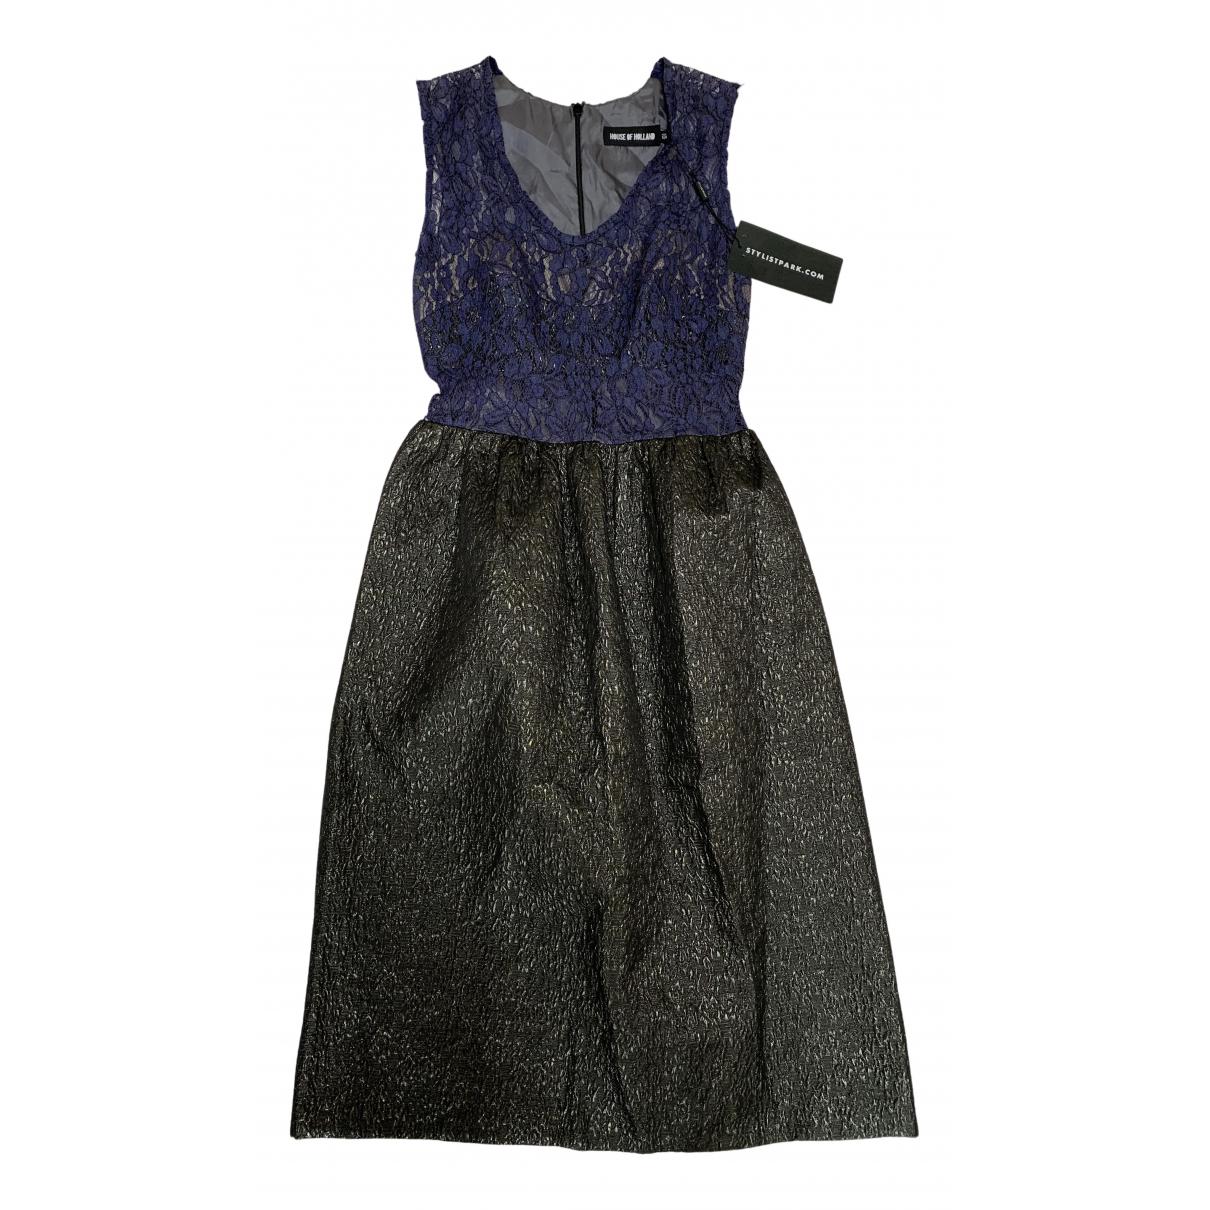 House Of Holland \N Kleid in  Blau Polyester